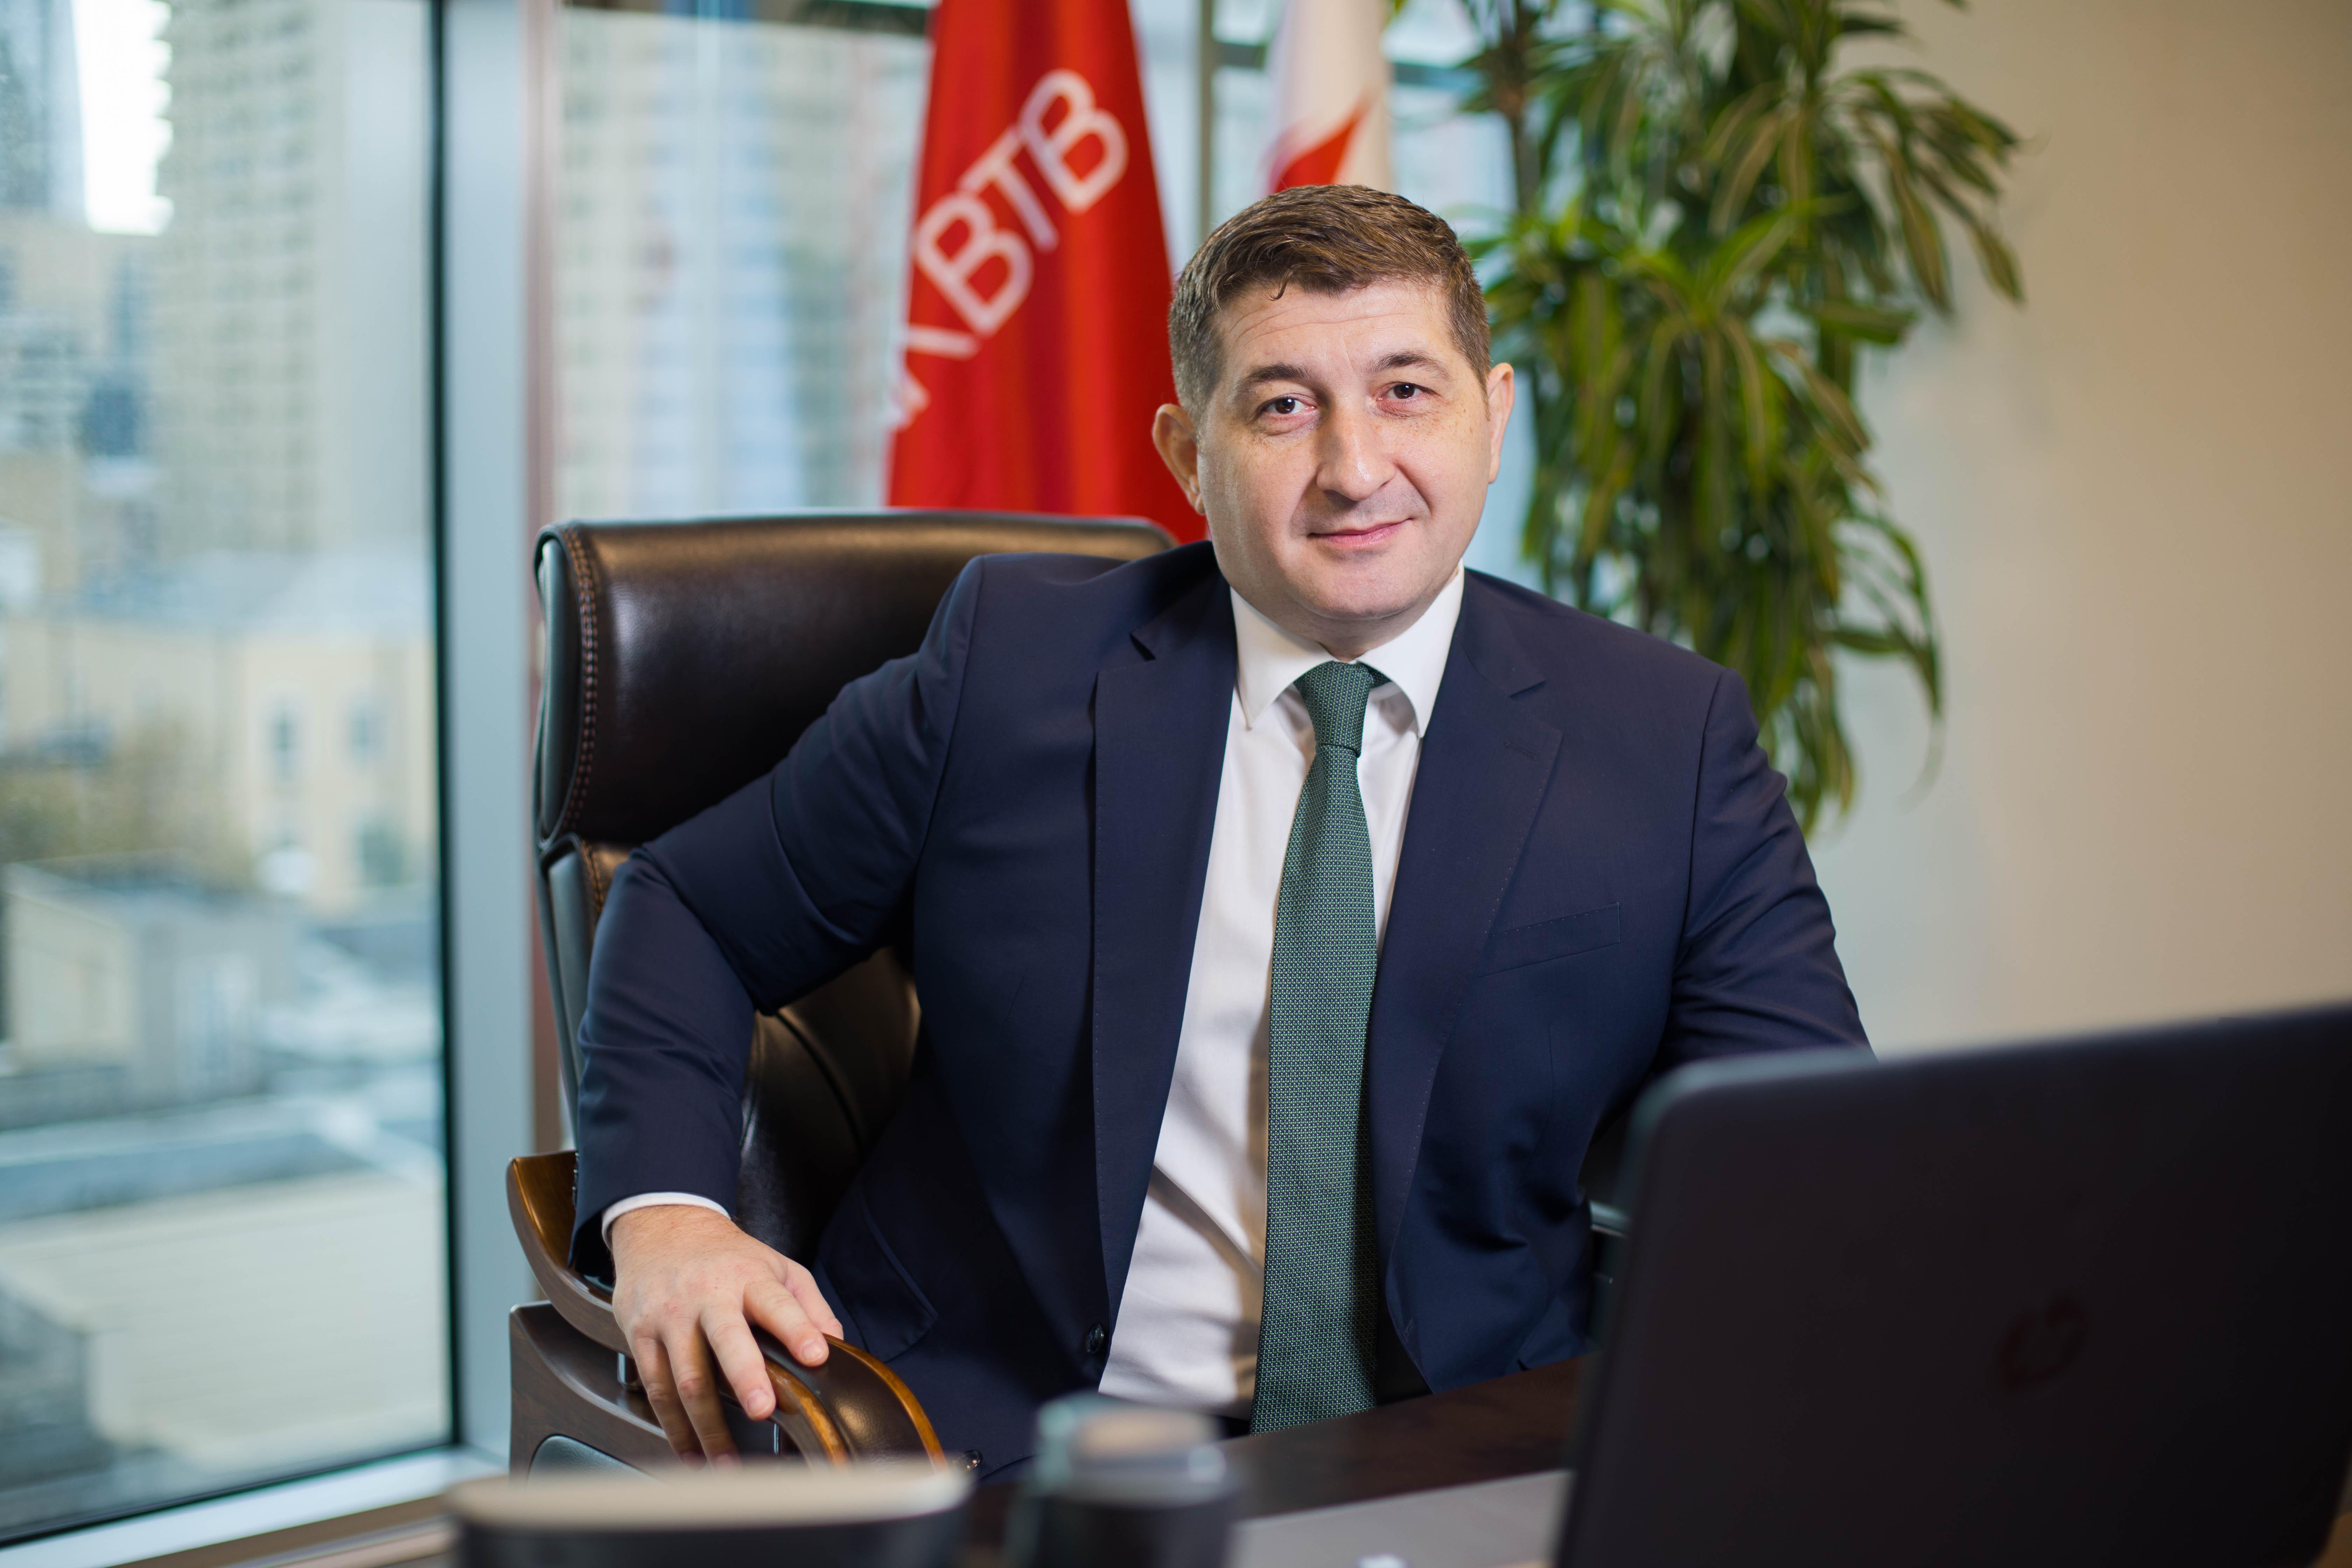 Эмиль Рзаев:Bank ВТB - банк, который совершенствуется и развиваетсяс каждым последующим шагом